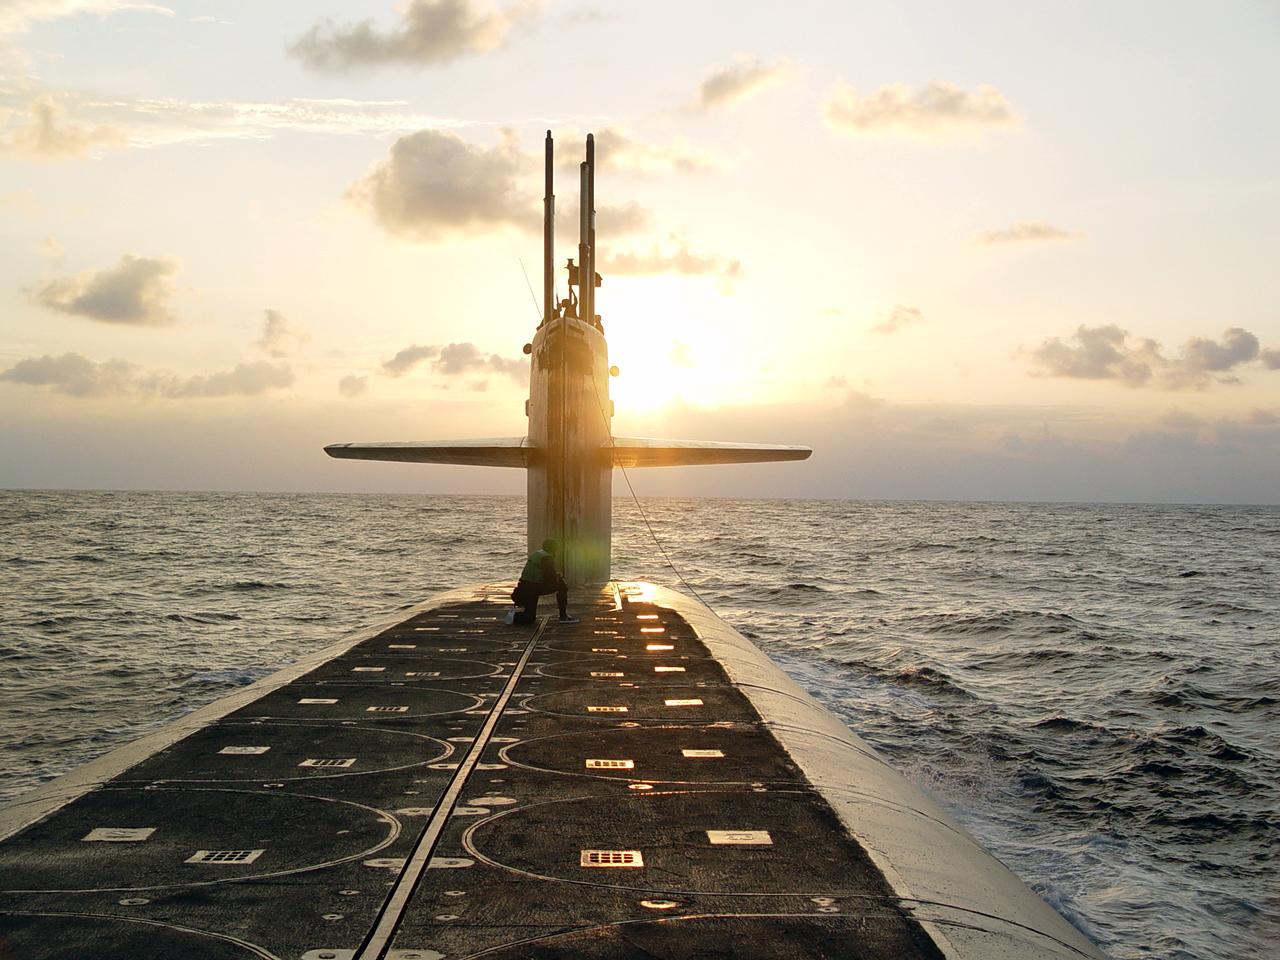 Nuclear Submarine Wallpaper 1280x960 Nuclear Submarine Ohio Ssbn 1280x960